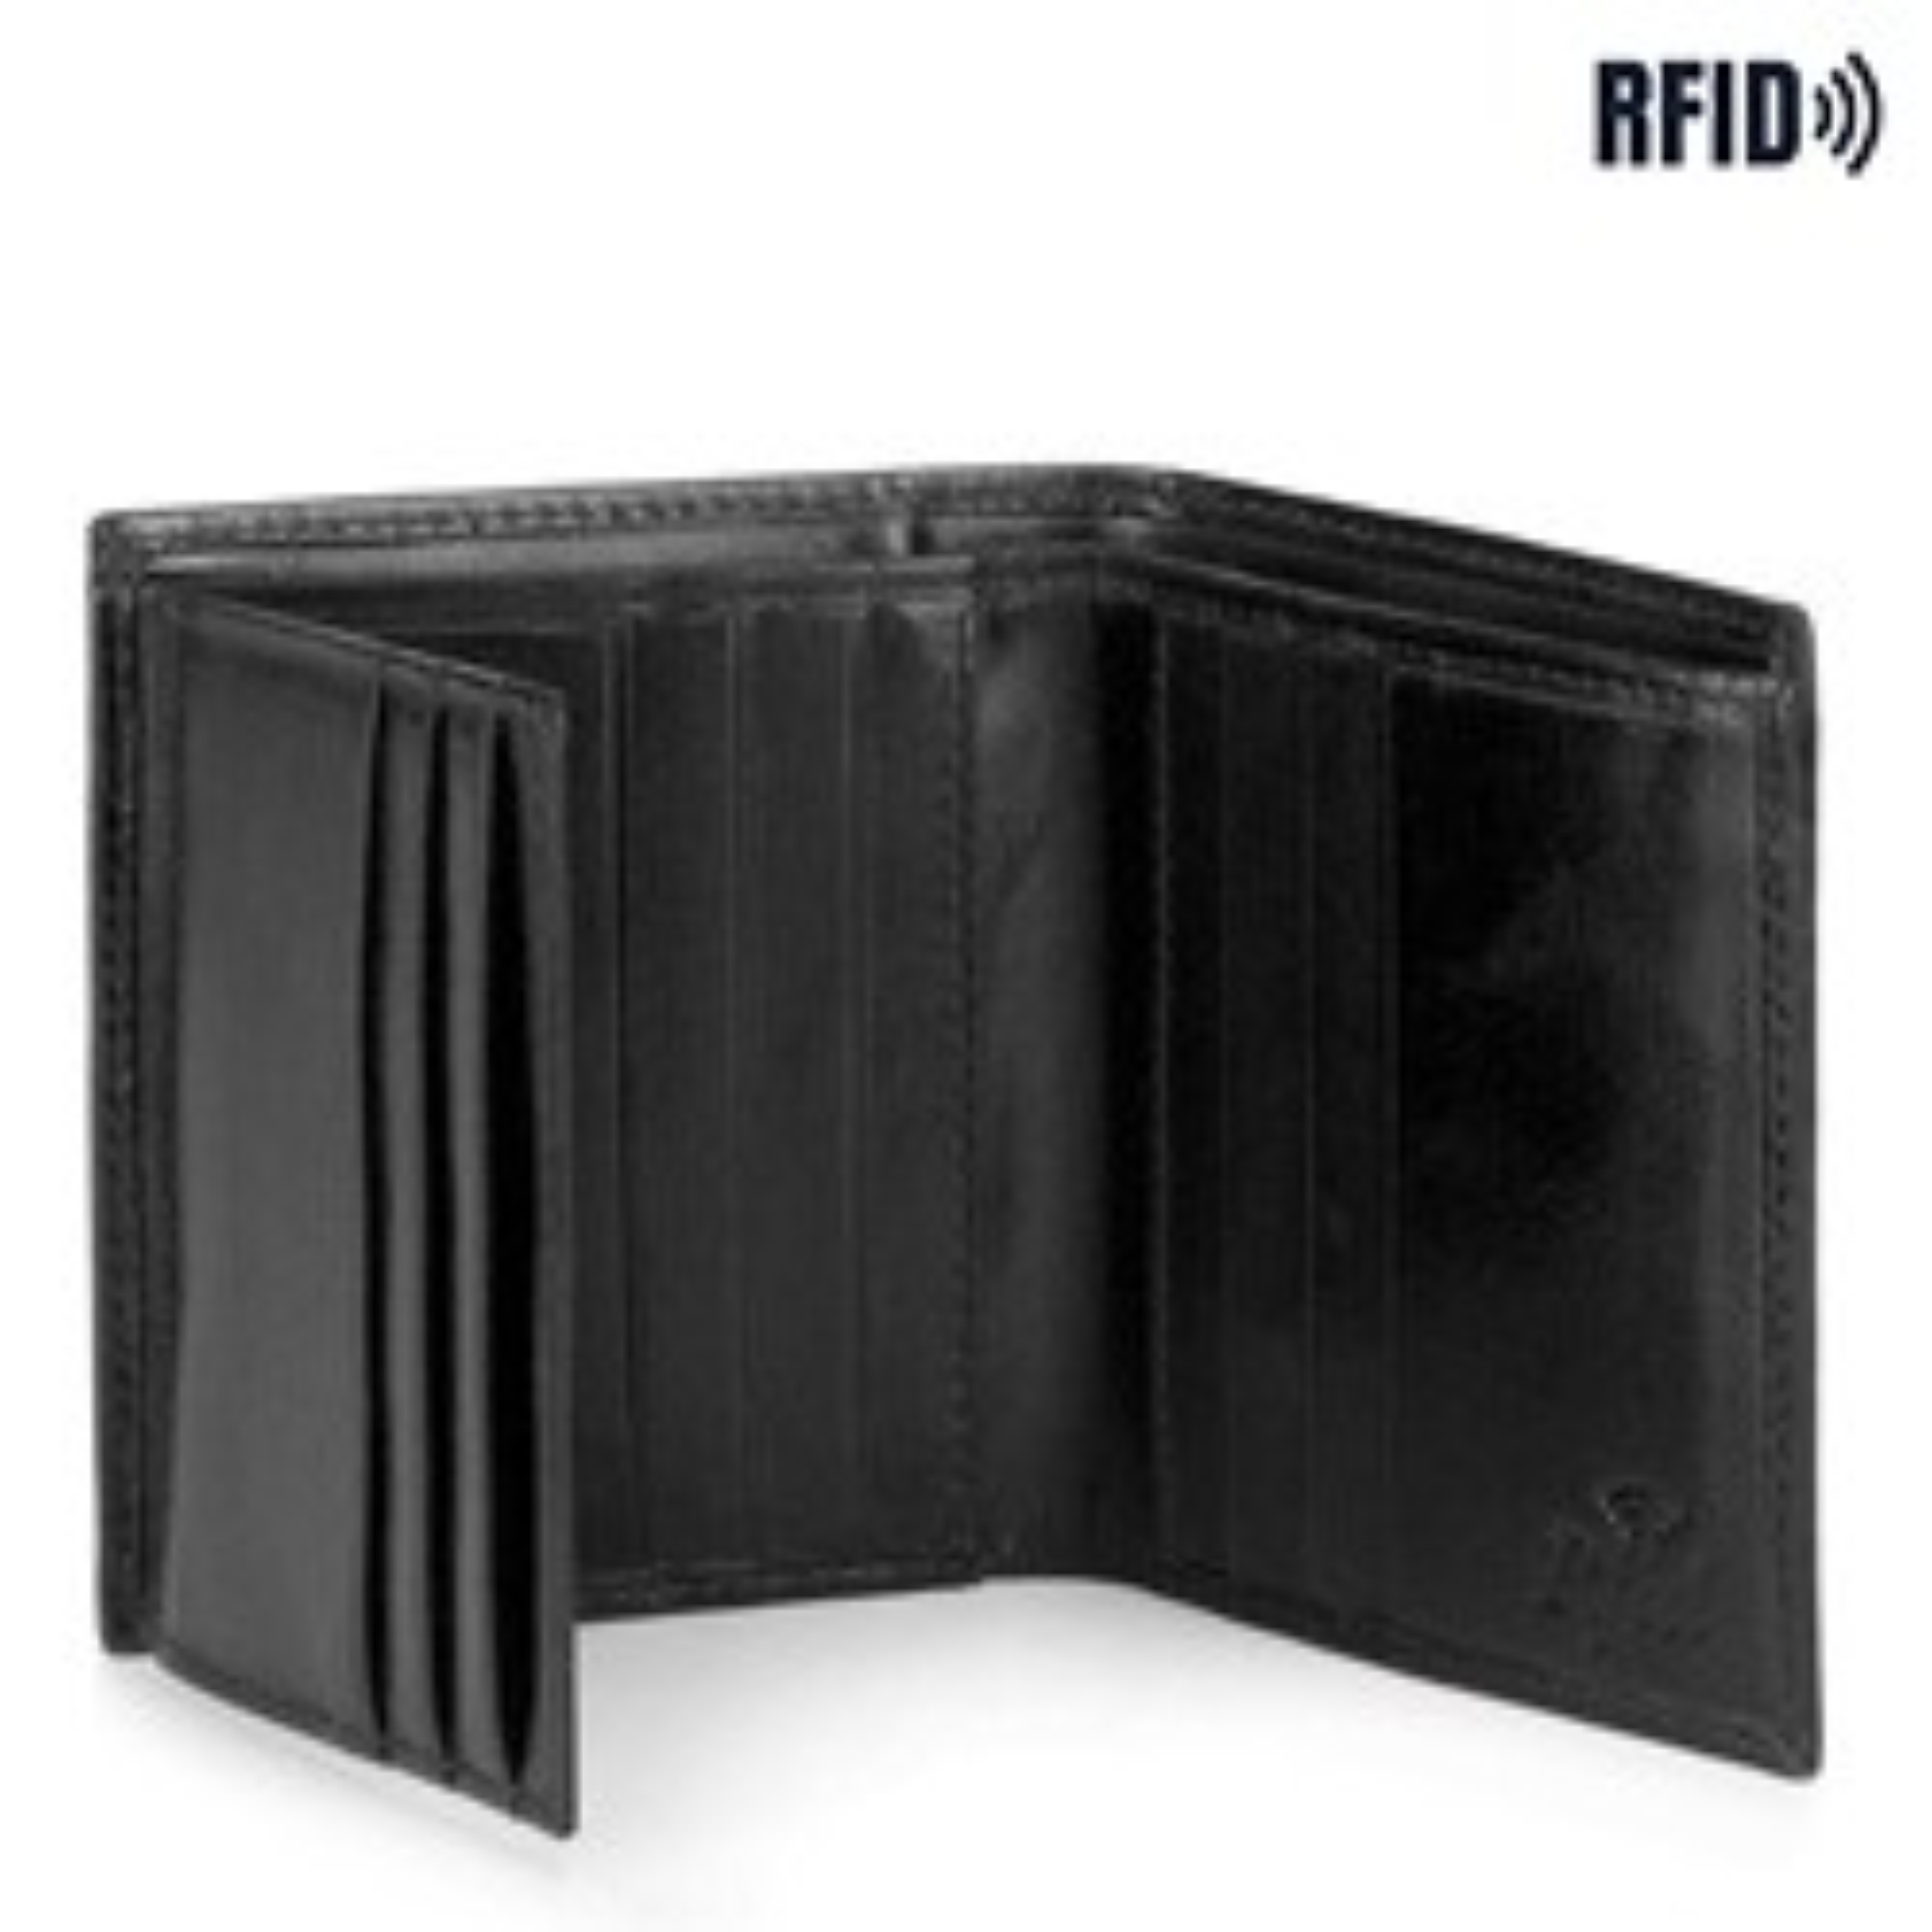 Męski portfel ze skóry mały, czarny, 26-1-422-1, Zdjęcie 1